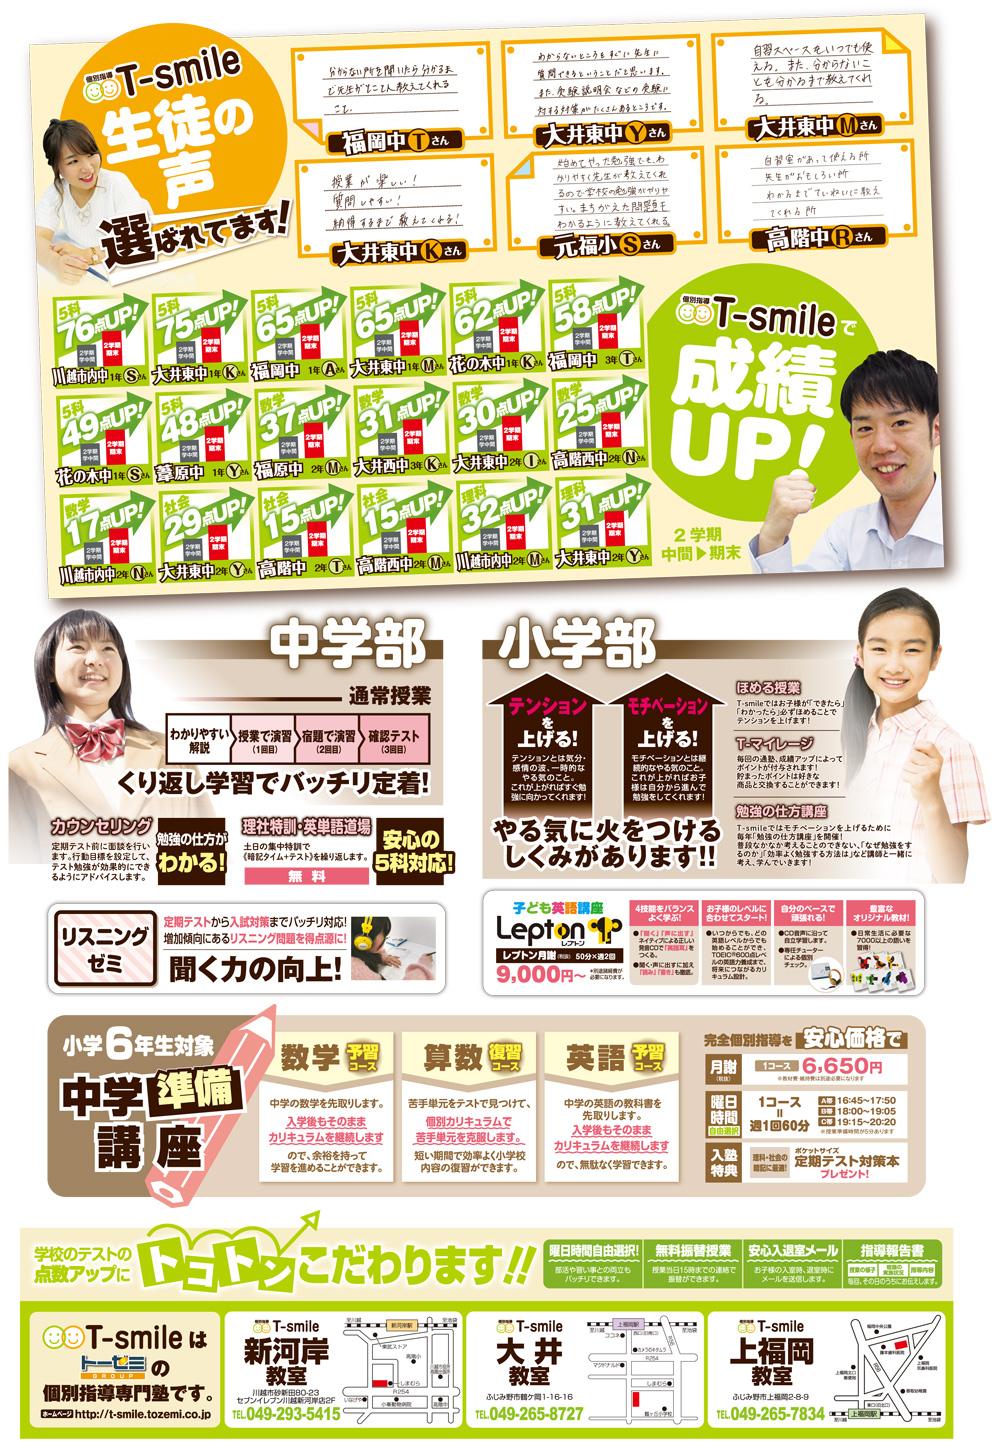 新聞折込チラシ(個別指導塾T-smile 新年度スタート・春期講習)